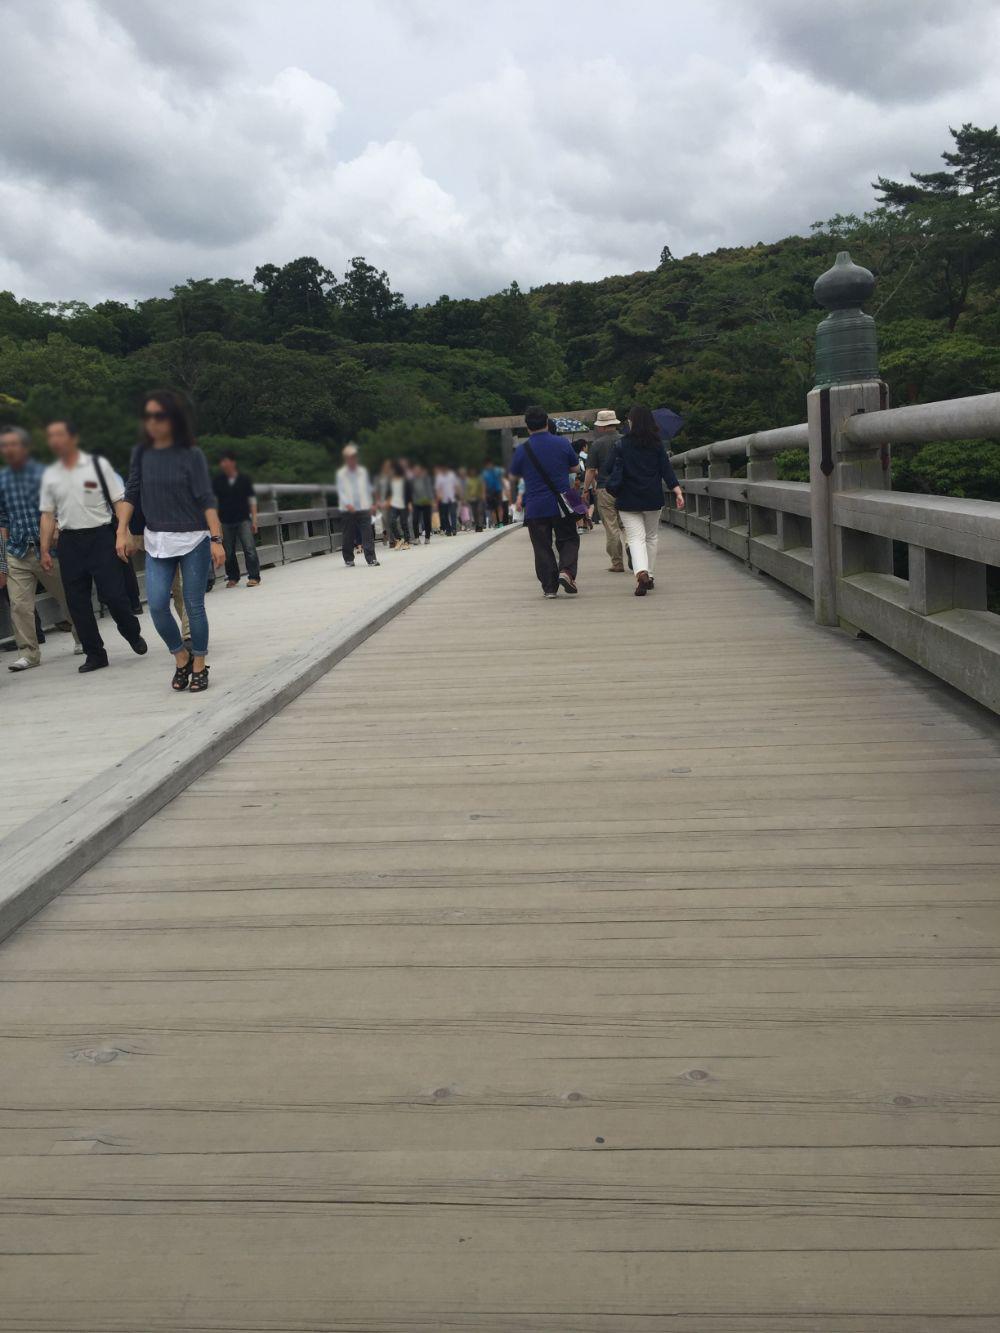 伊勢神宮&名古屋Trip♡伊勢神宮 内宮への参拝方法≪samenyan≫_2